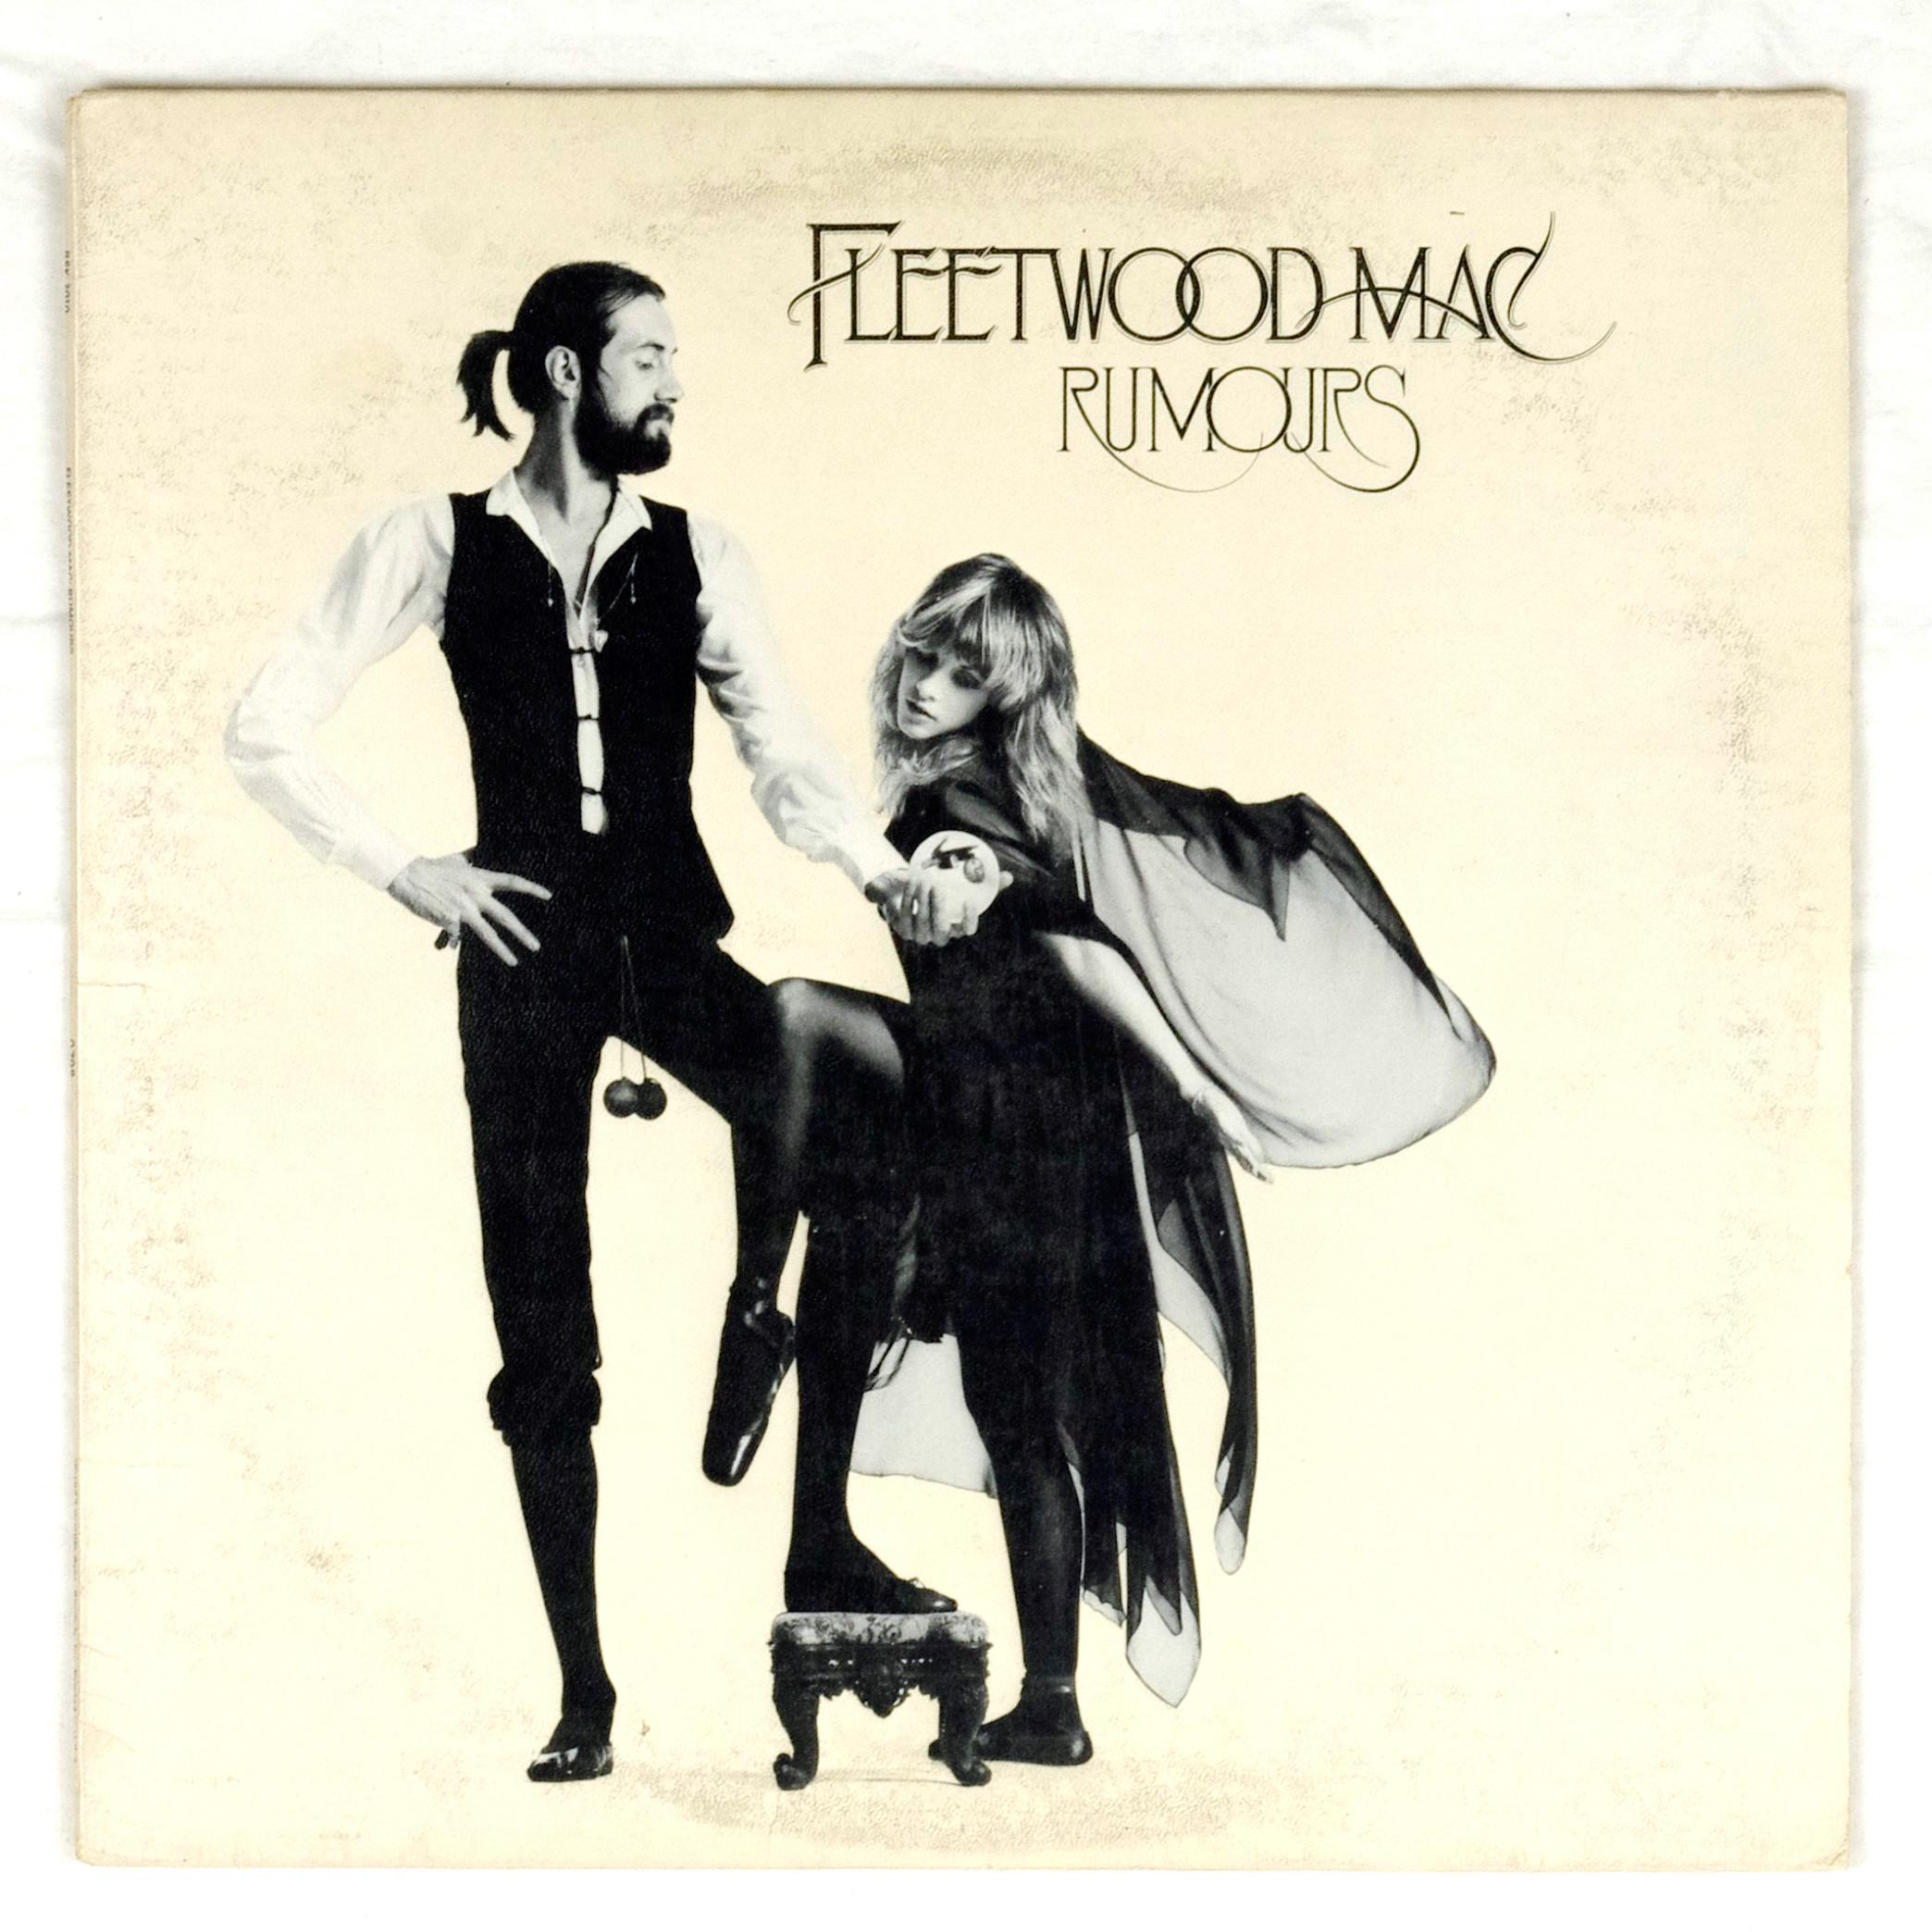 Fleetwood Mac Vinyl Rumours 1977